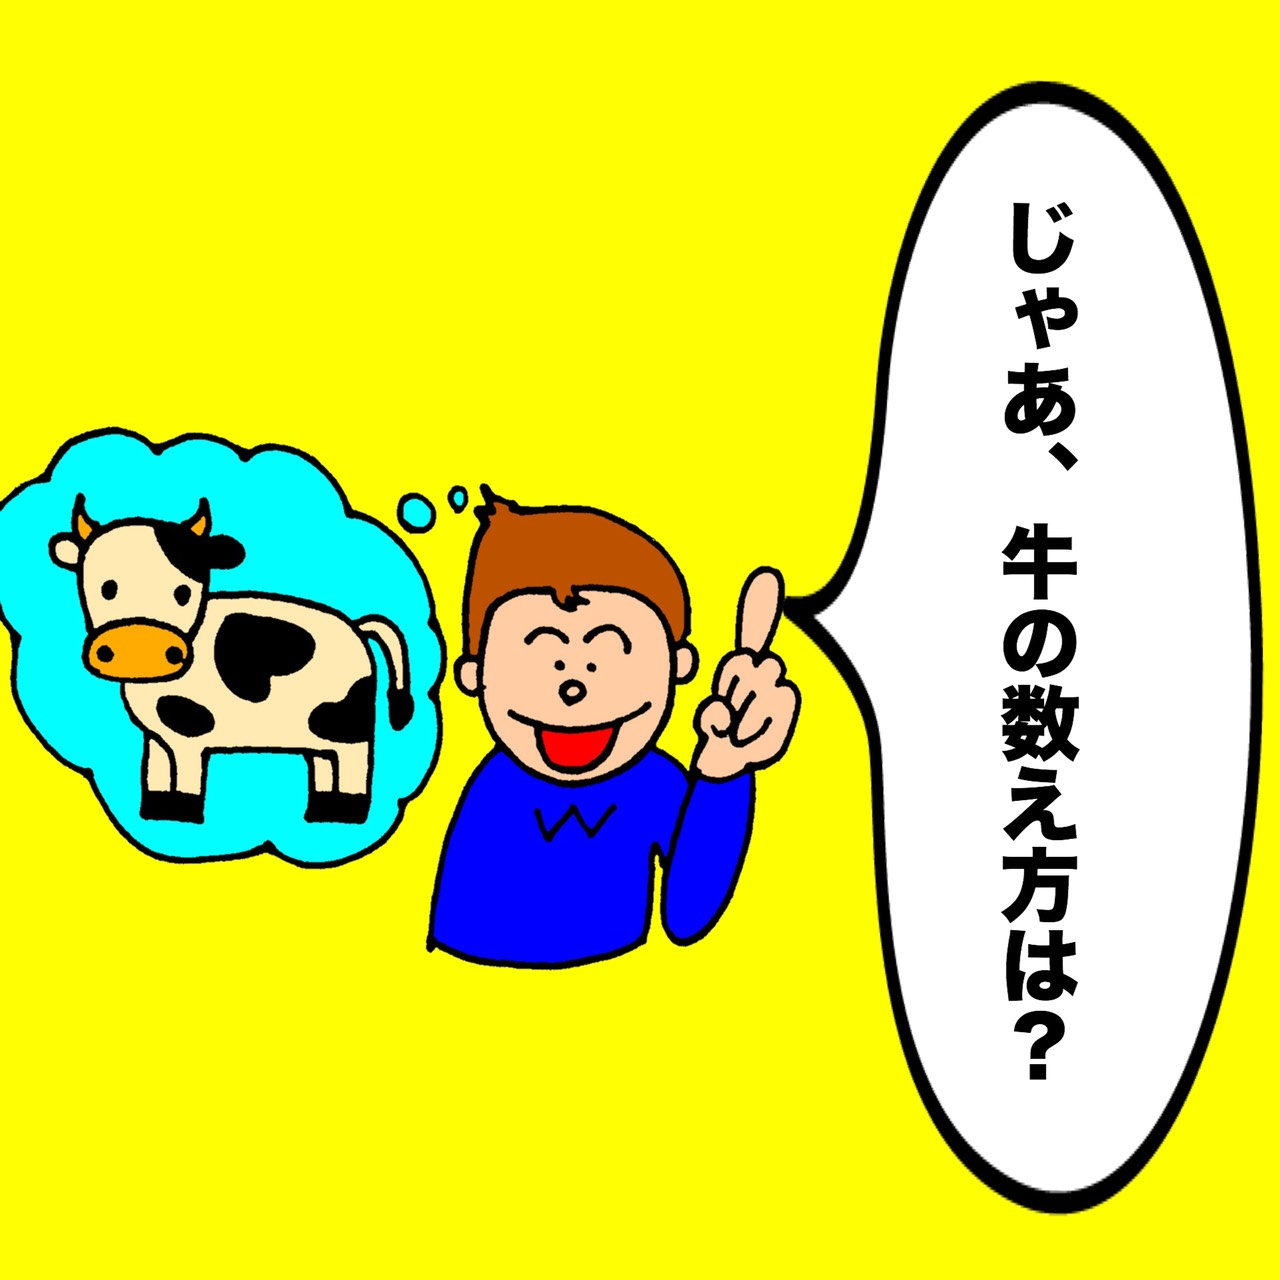 よしもとパパ芸人タケトの育児漫画③「じゃあ、牛の数え方は?」